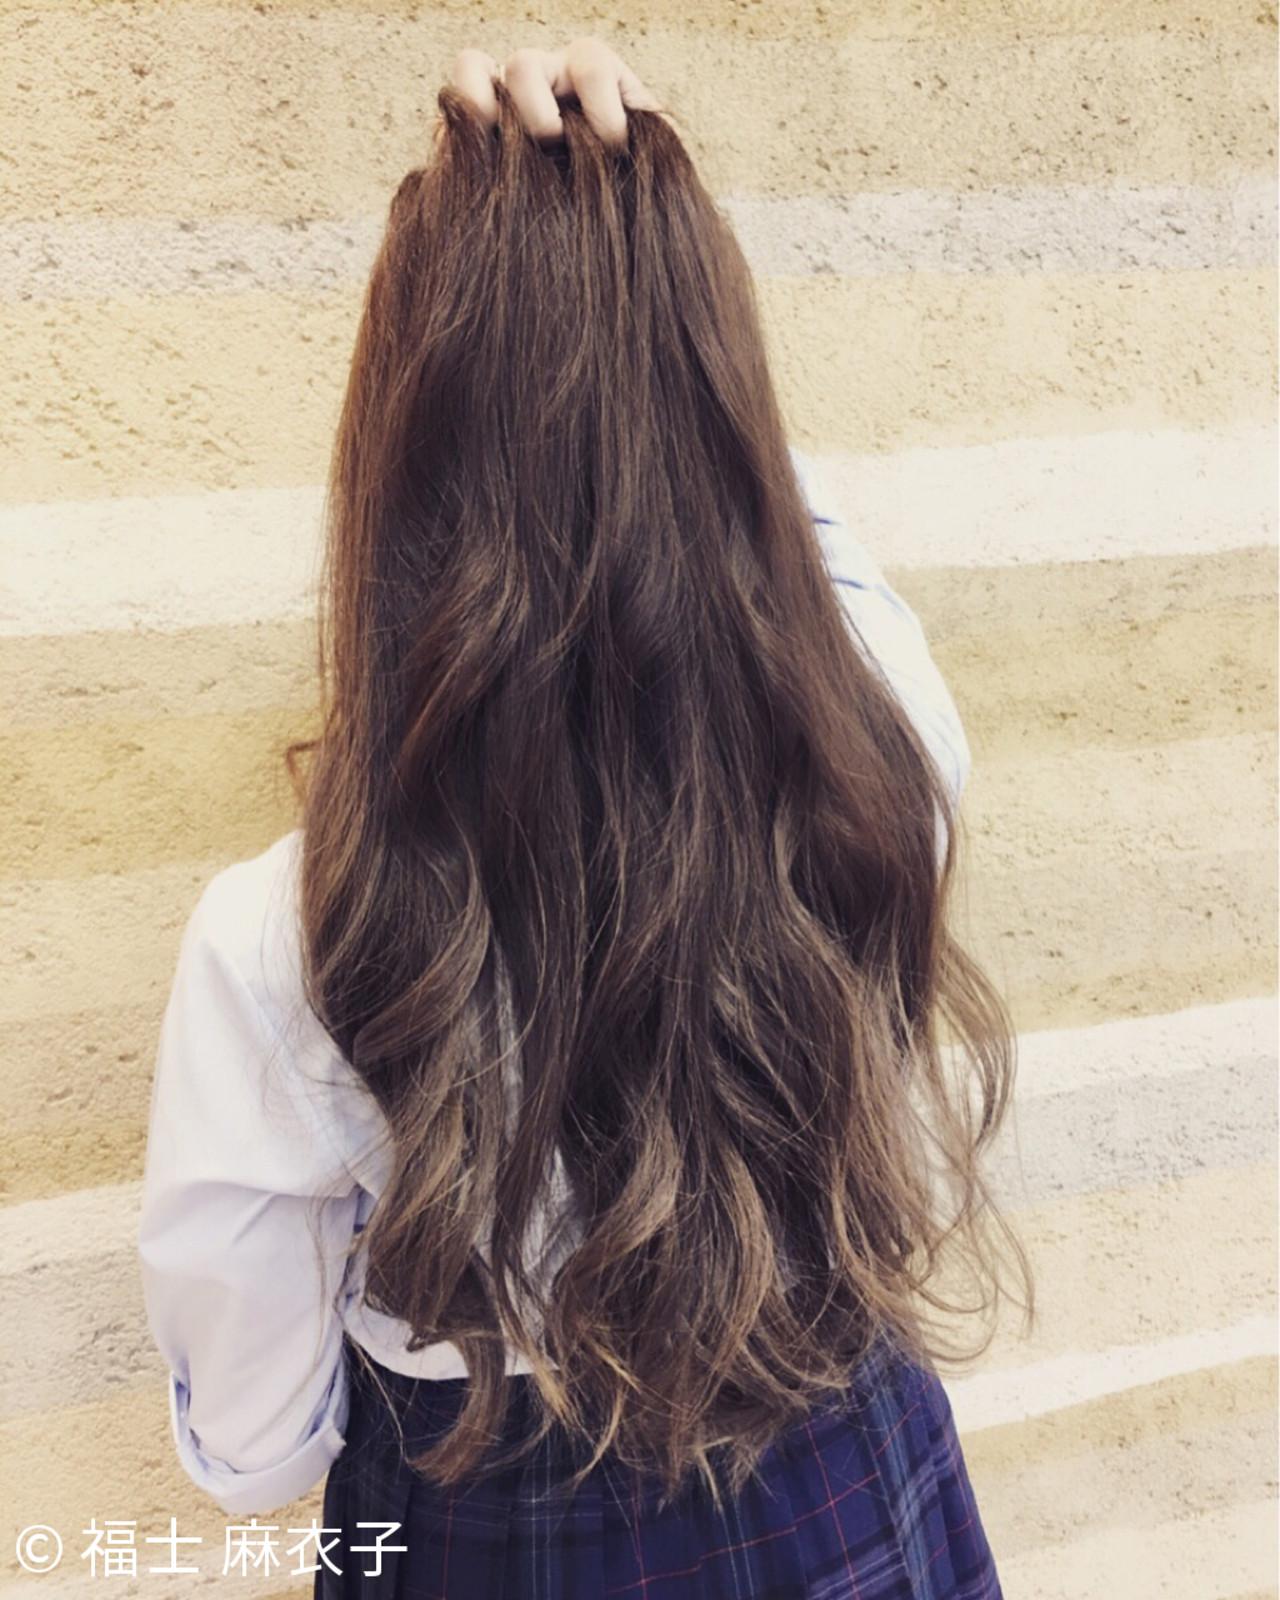 ガーリー 渋谷系 外国人風 ハイライト ヘアスタイルや髪型の写真・画像 | 福士 麻衣子 / crop es大船東口店